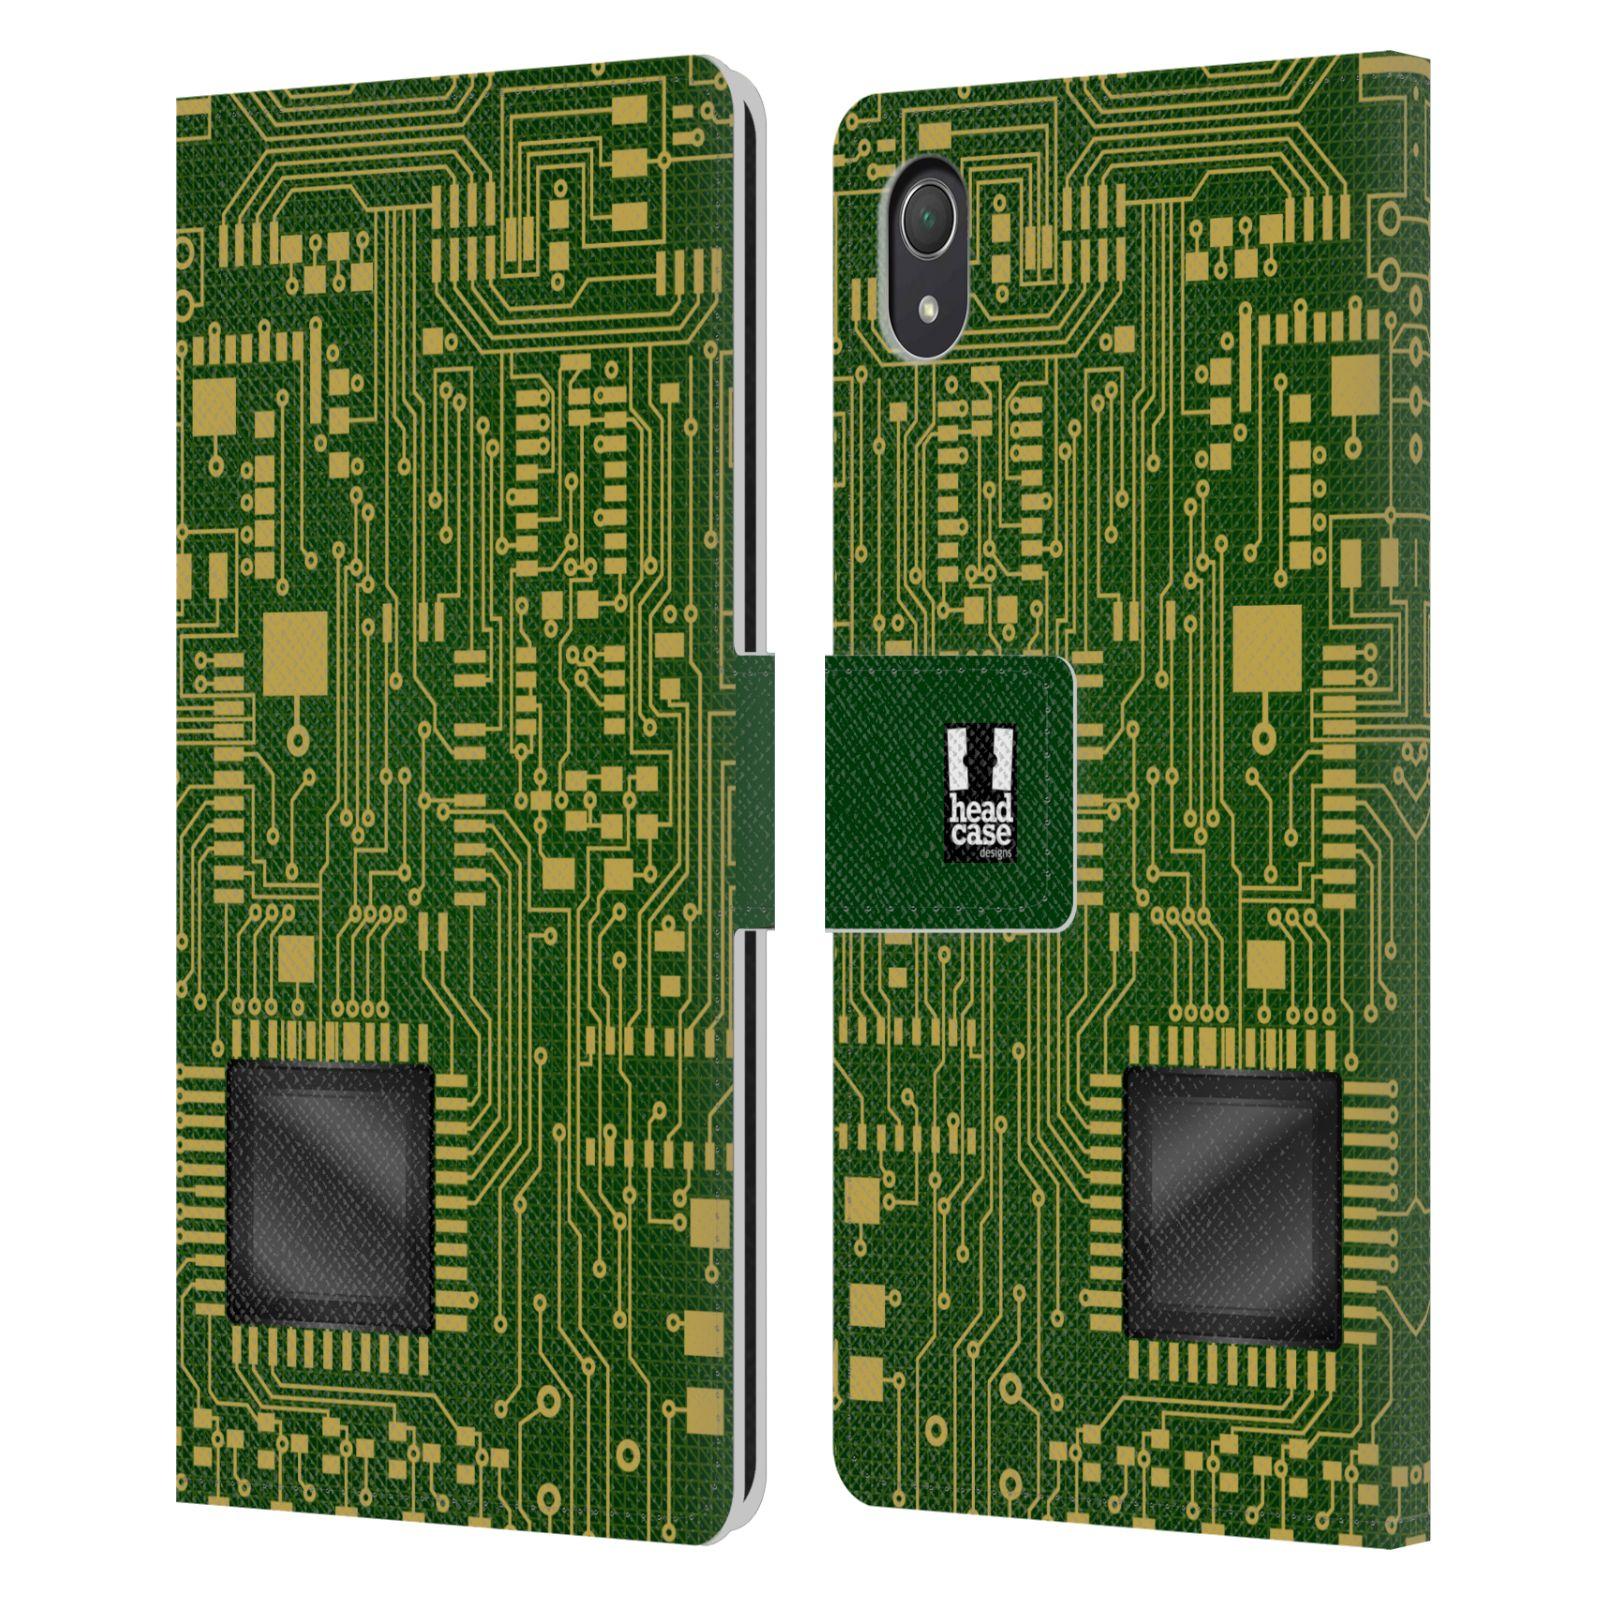 HEAD CASE Flipové pouzdro pro mobil SONY XPERIA Z2 počítač základní deska zelená barva velký čip